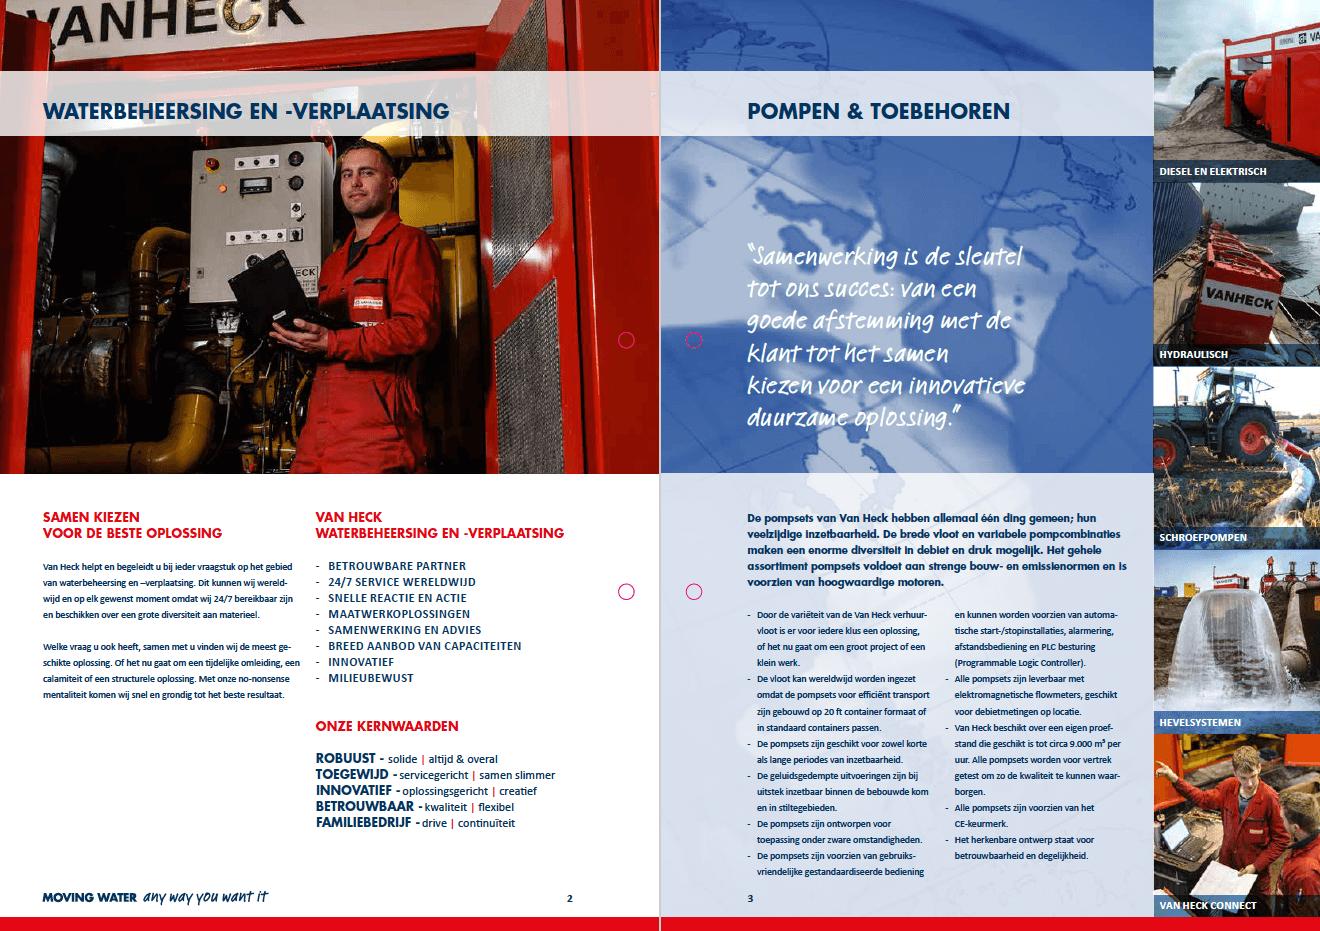 VAN HECK, leaflet pompen (spread)